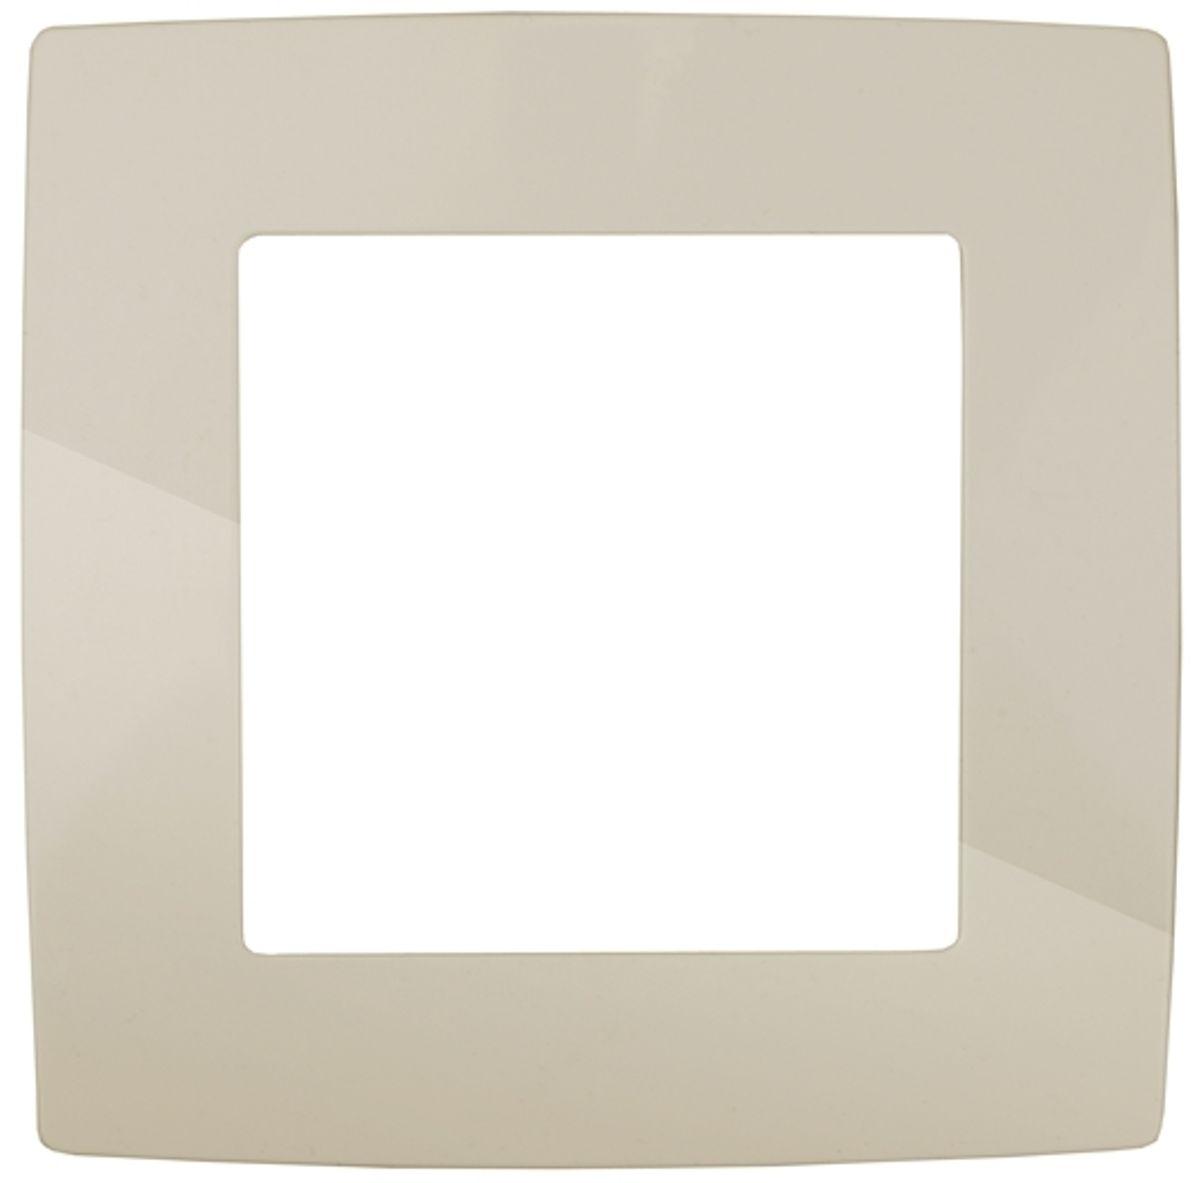 Рамка для встраиваемой розетки Эра, на 1 пост, цвет: слоновая кость12-5001-02Рамка Эра выполнена из пластика и используется для окантовки встраиваемой розетки. Рамка отвечает основным требованиям безопасности и удобства монтажа. Современный дизайн и элегантная цветовая гамма подойдут к любому интерьеру. Размер рамки: 8 х 8 х 1 см.